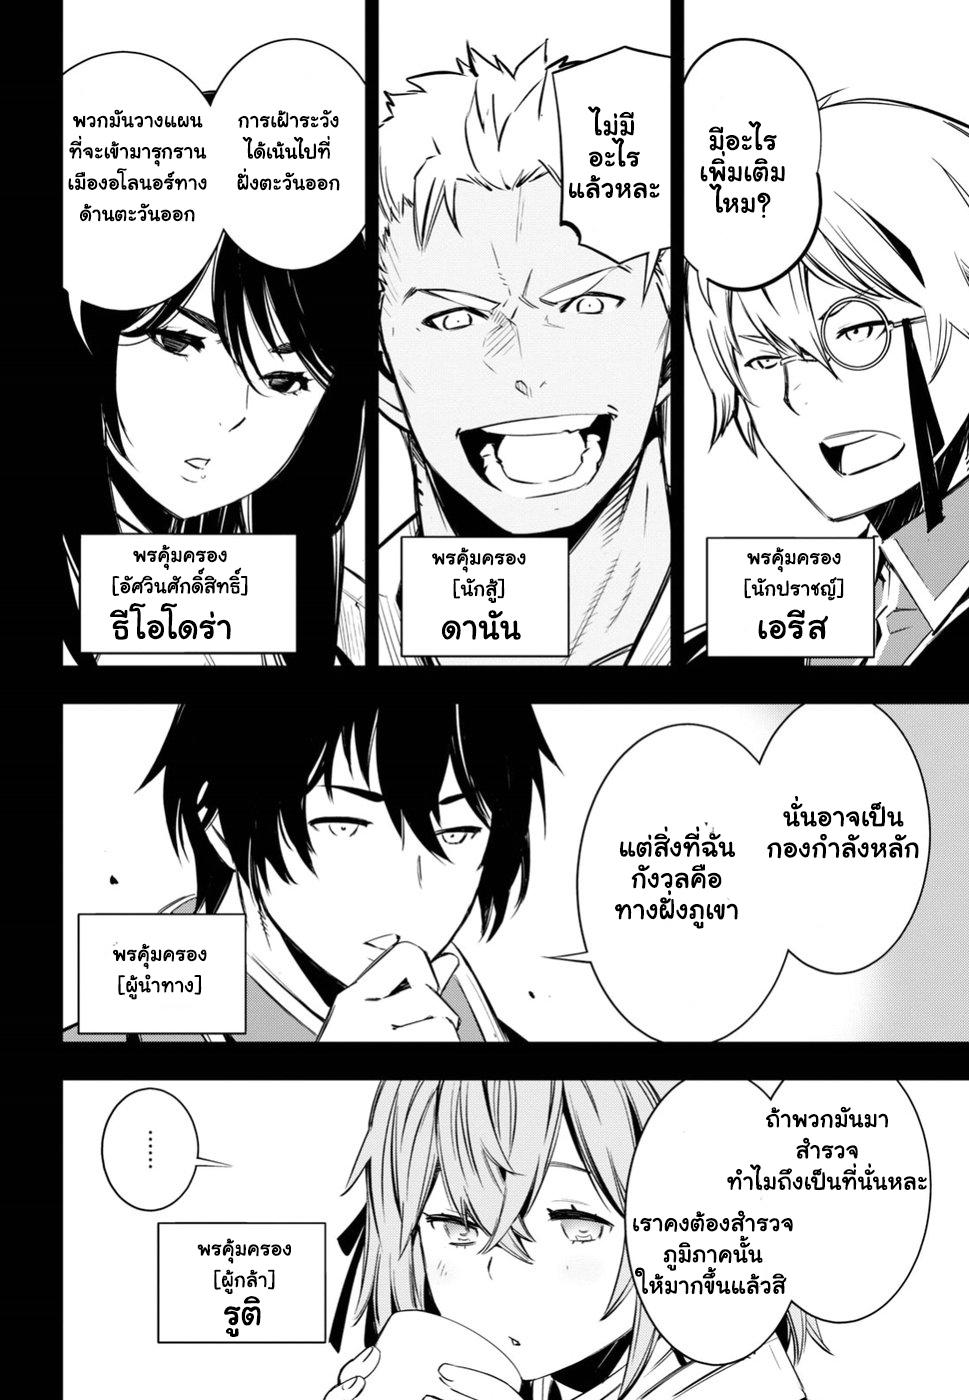 อ่านการ์ตูน Shin no Nakama Janai to Yuusha no Party wo Oidasareta no de Henkyou de Slow Life suru koto ตอนที่ 3 หน้าที่ 4